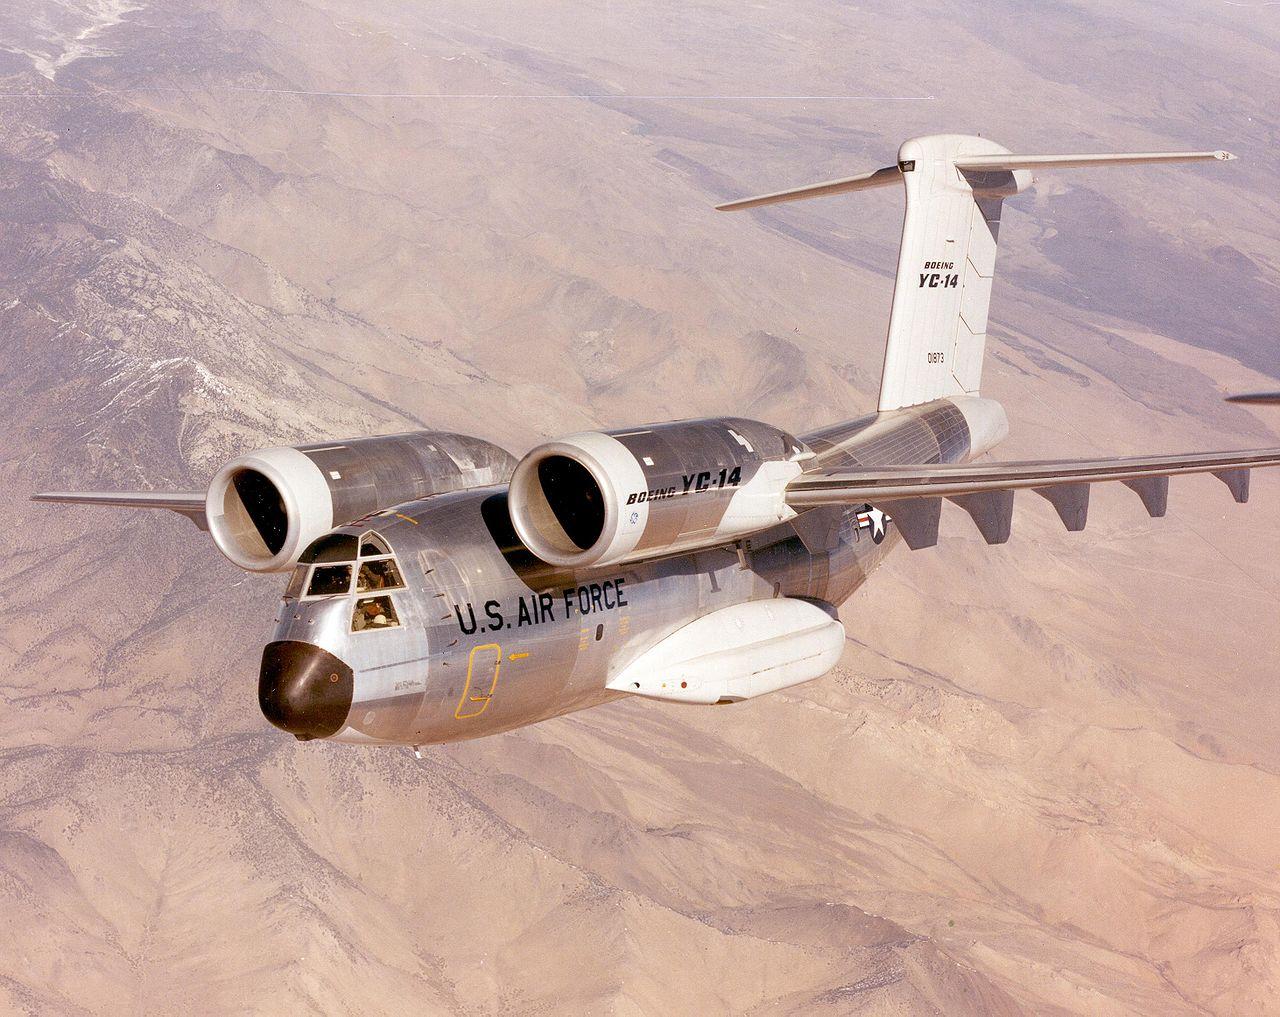 Tại sao động cơ máy bay lại được đặt ở cánh và đuôi mà không phải chỗ nào khác?